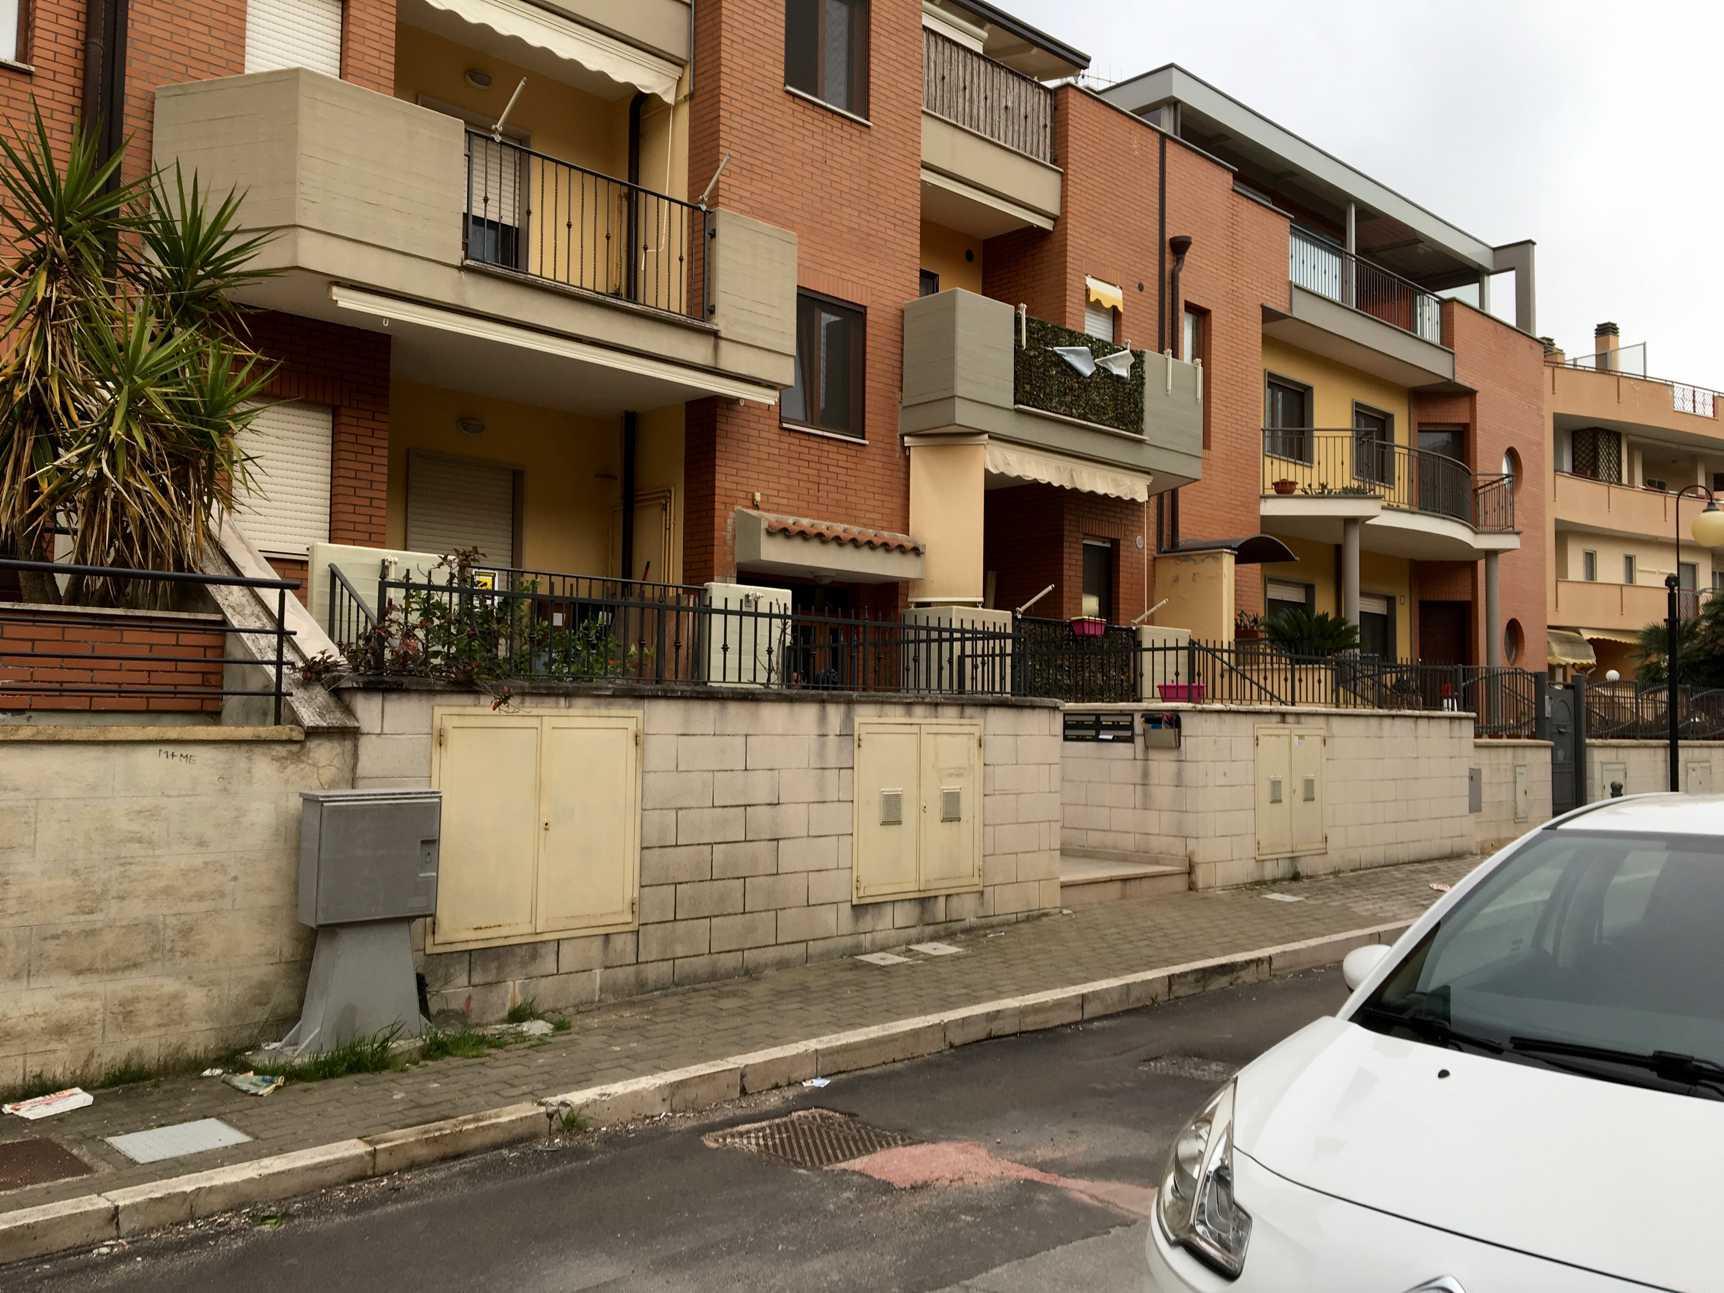 IFIM Agenzia immobiliare MATERA Franchising Immobiliare